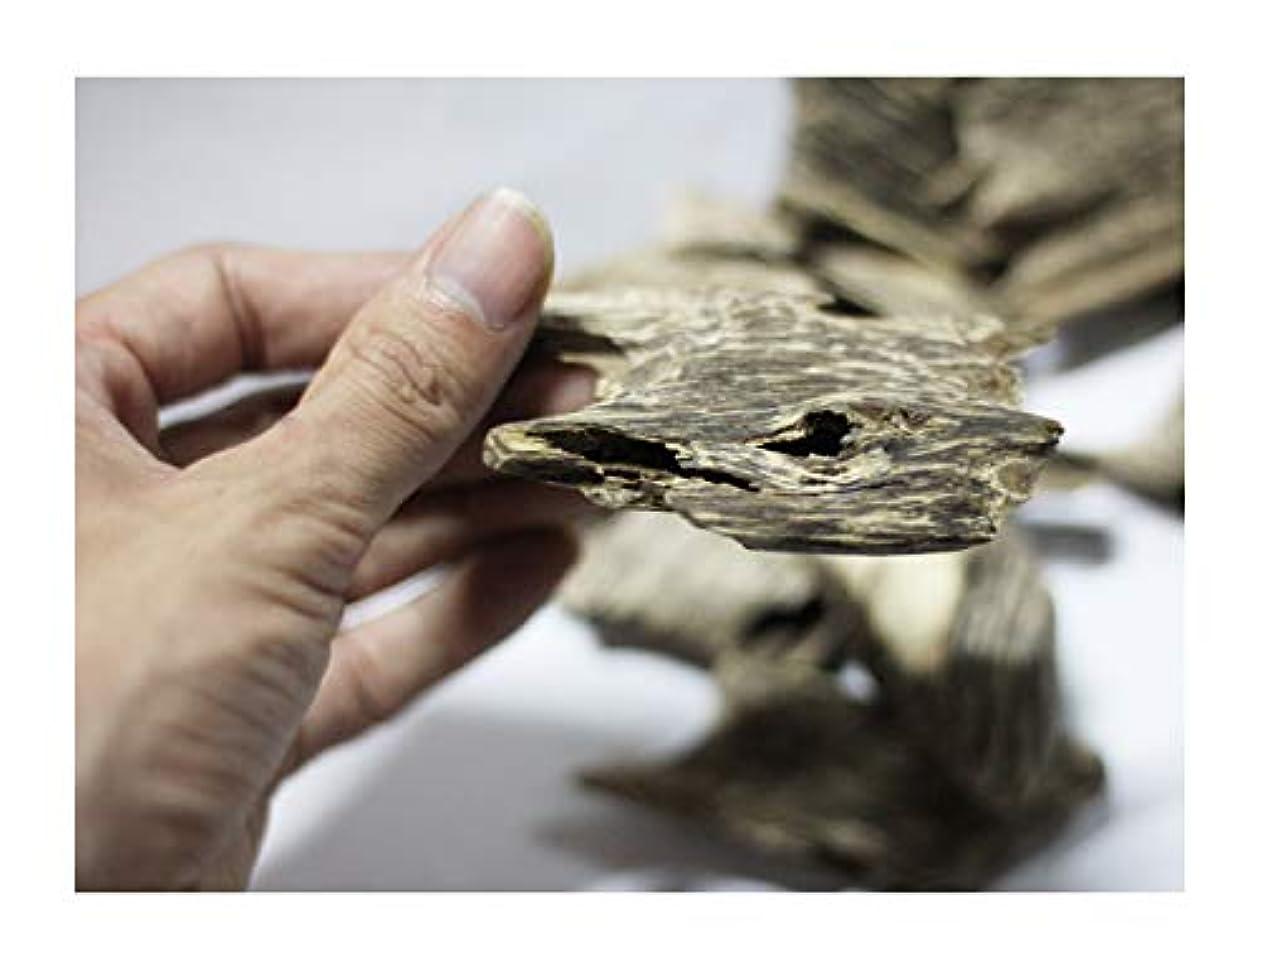 キャンバス野望爆弾オウドチップス オードチップ インセンス アロマ ナチュラル ワイルド レア アガーウッド チップ オードウッド ベトナム 純素材 グレードA++ 50 Grams ブラック